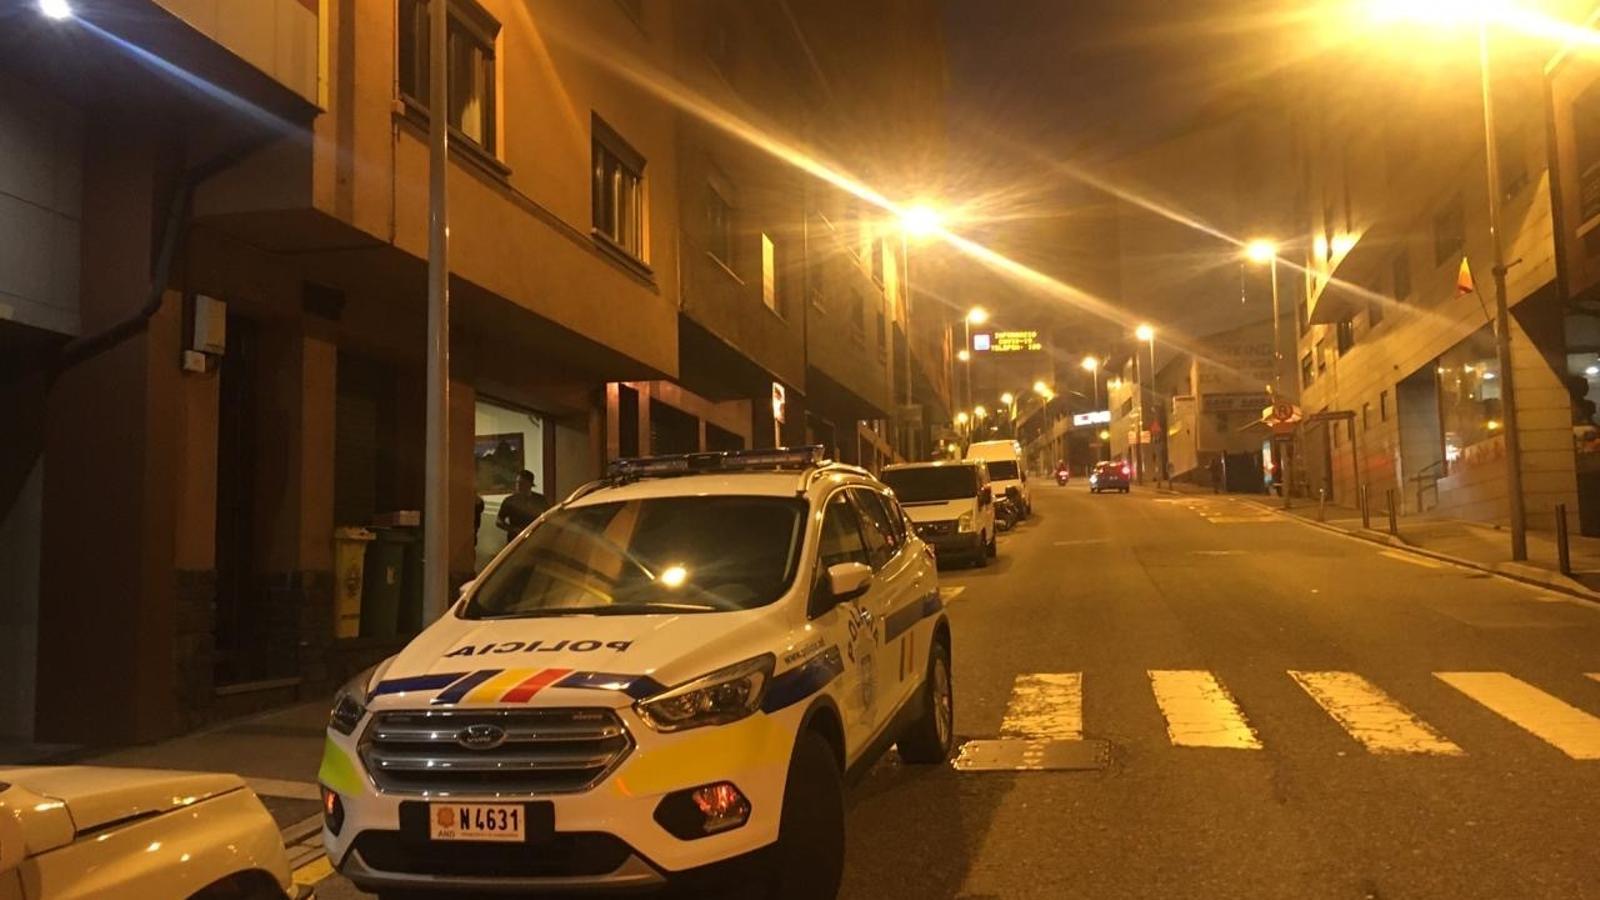 Una dotació de la policia ha fet tancar aquest dissabte al vespre un bar a Fiter i Rossell, a Escaldes-Engordany. / ARA ANDORRA